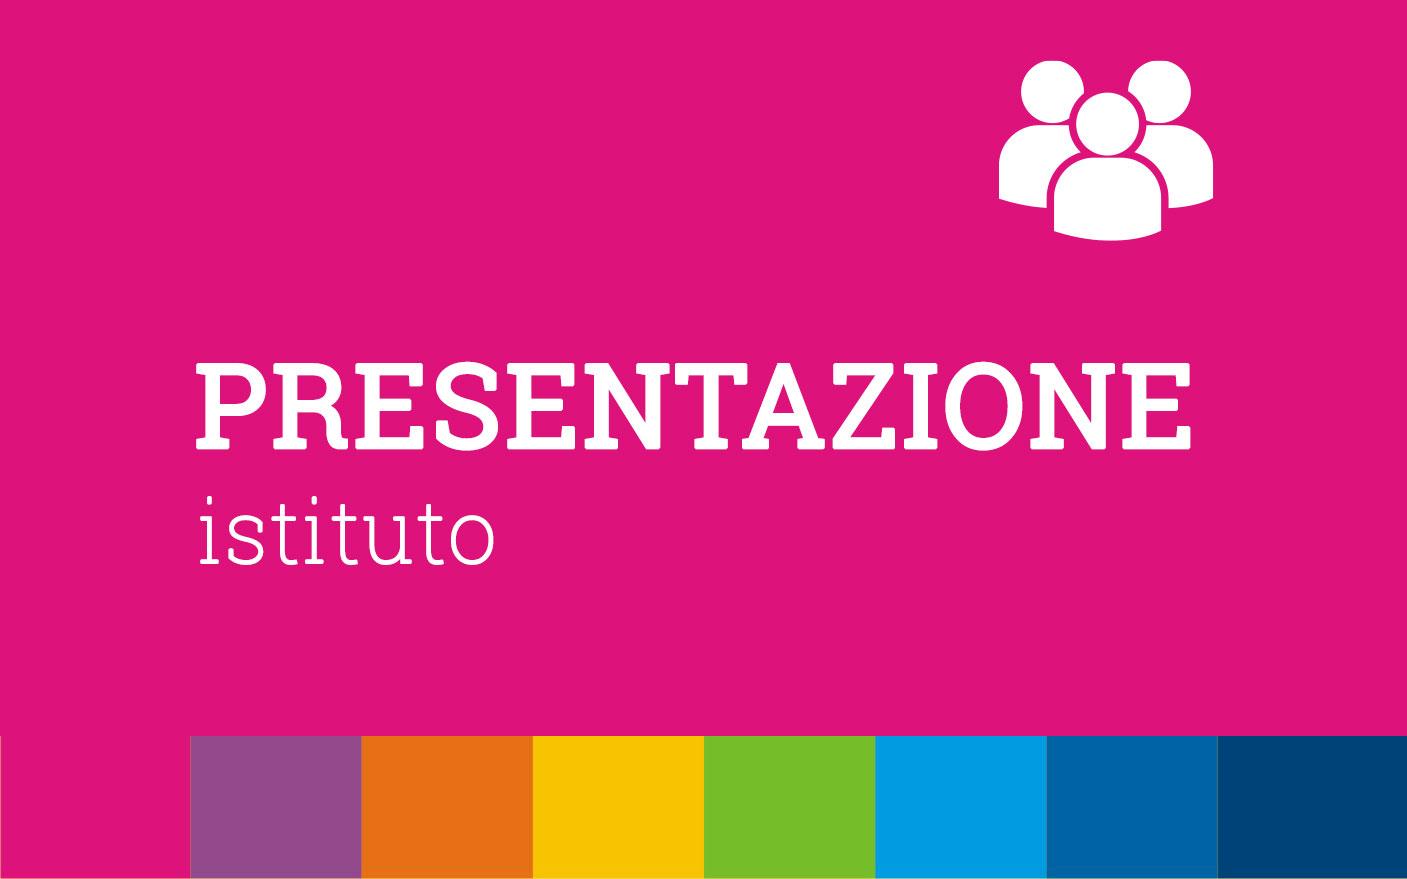 Presentazione Istituto